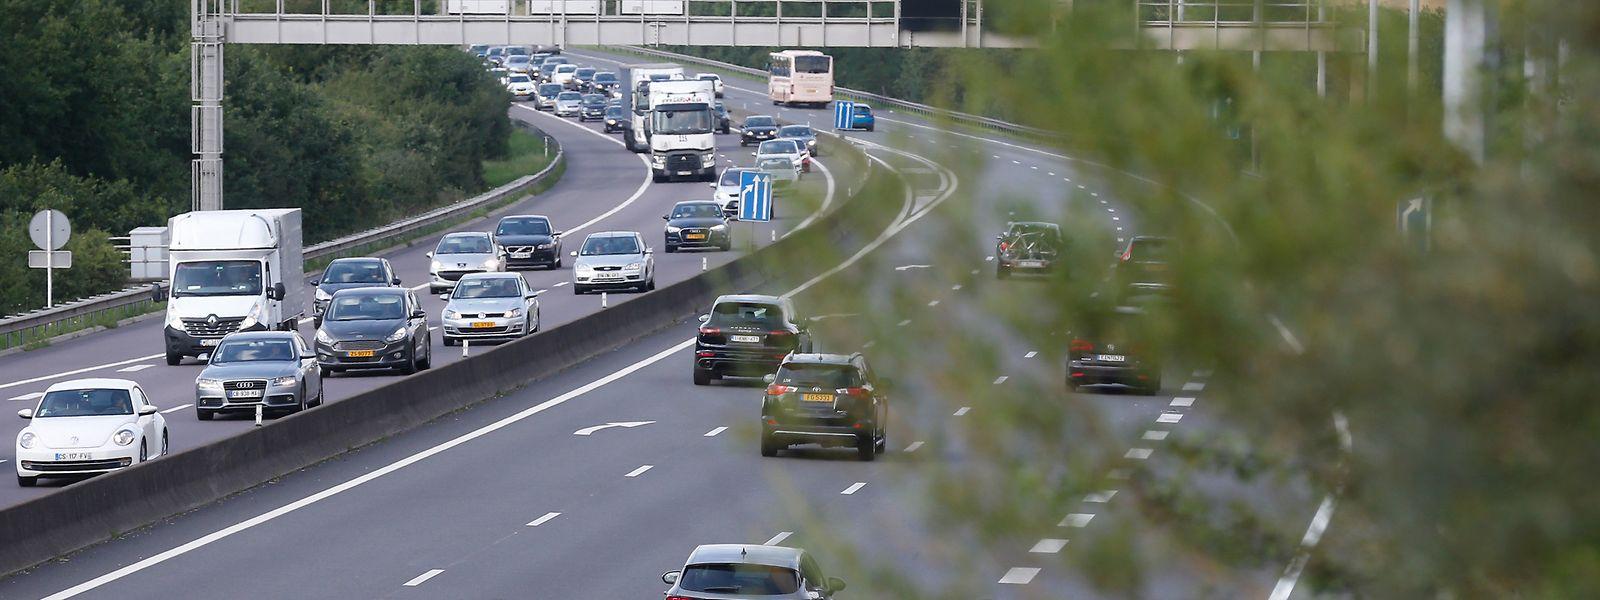 Quem vai viajar de carro até Portugal a partir do Luxemburgo poderá encontrar controlos em França e Espanha, visto que estes dois países (no caso de França algumas regiões) situam-se na 'zona vermelha'.